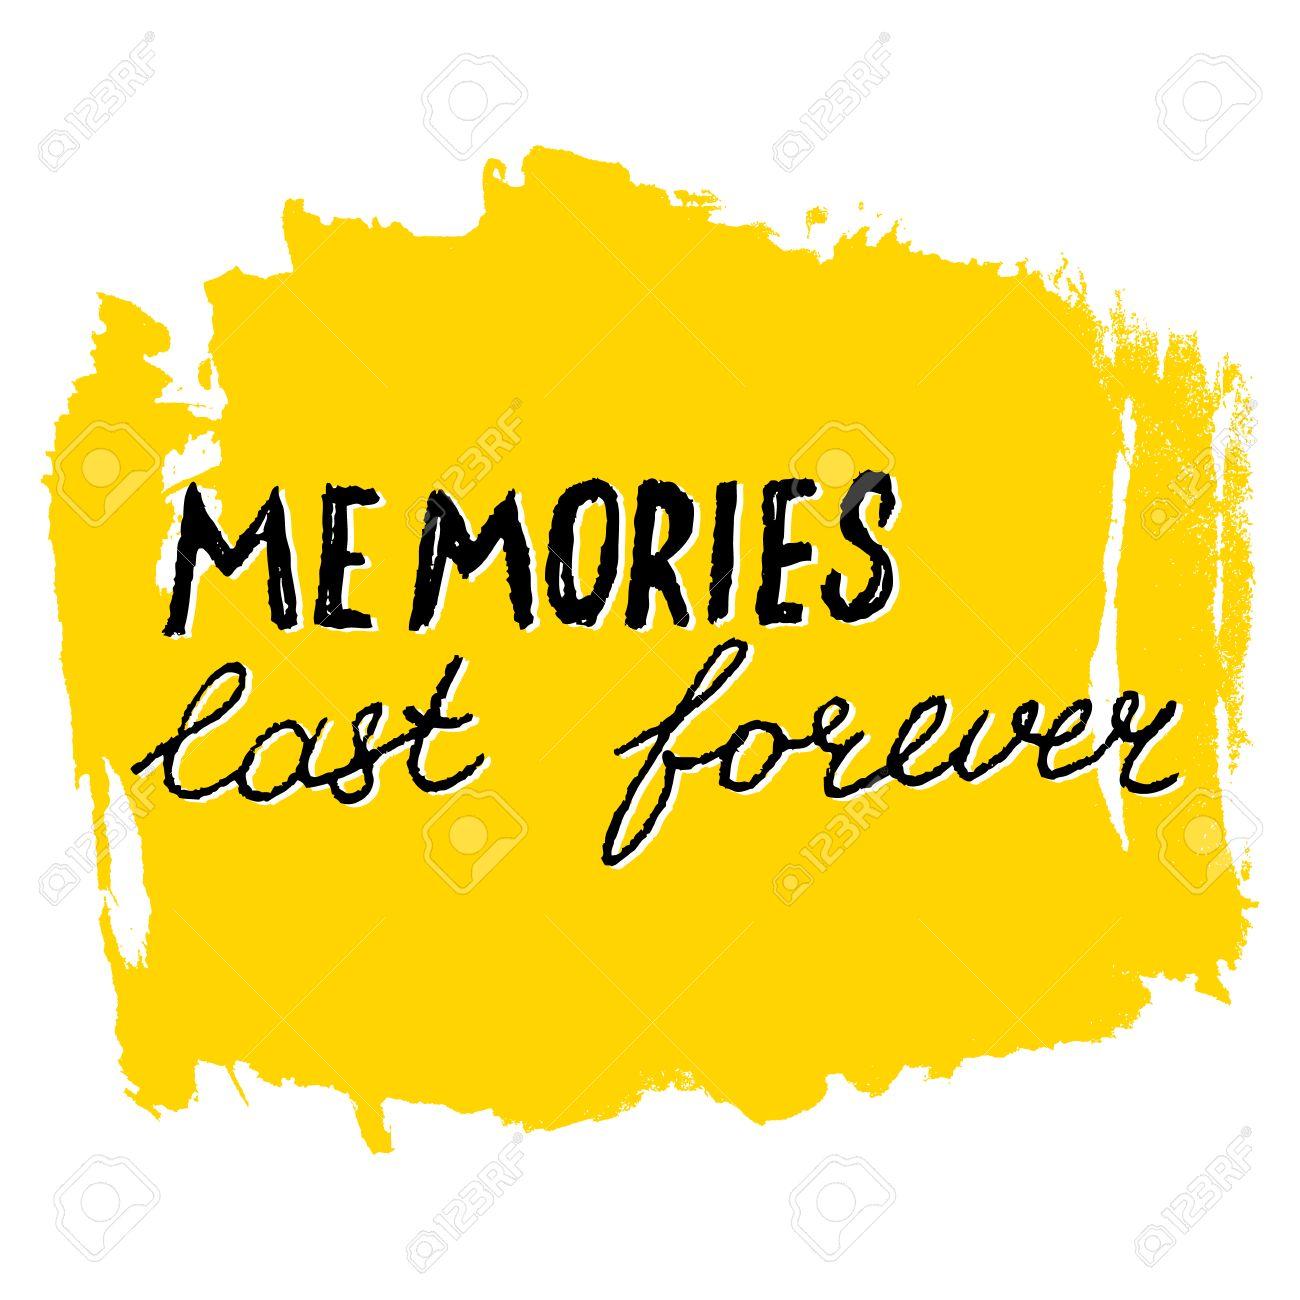 Memories Last Forever Lettering Calligraphy. Hand Written ...